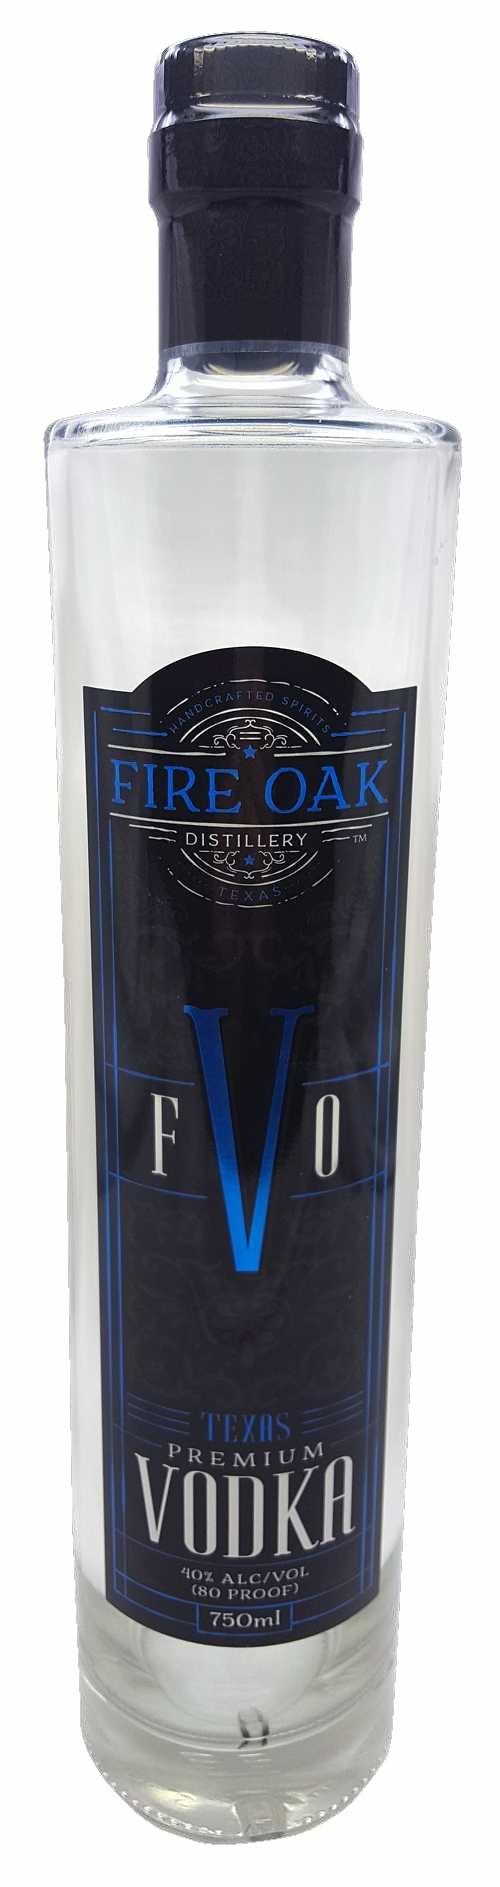 Fire Oak Vodka